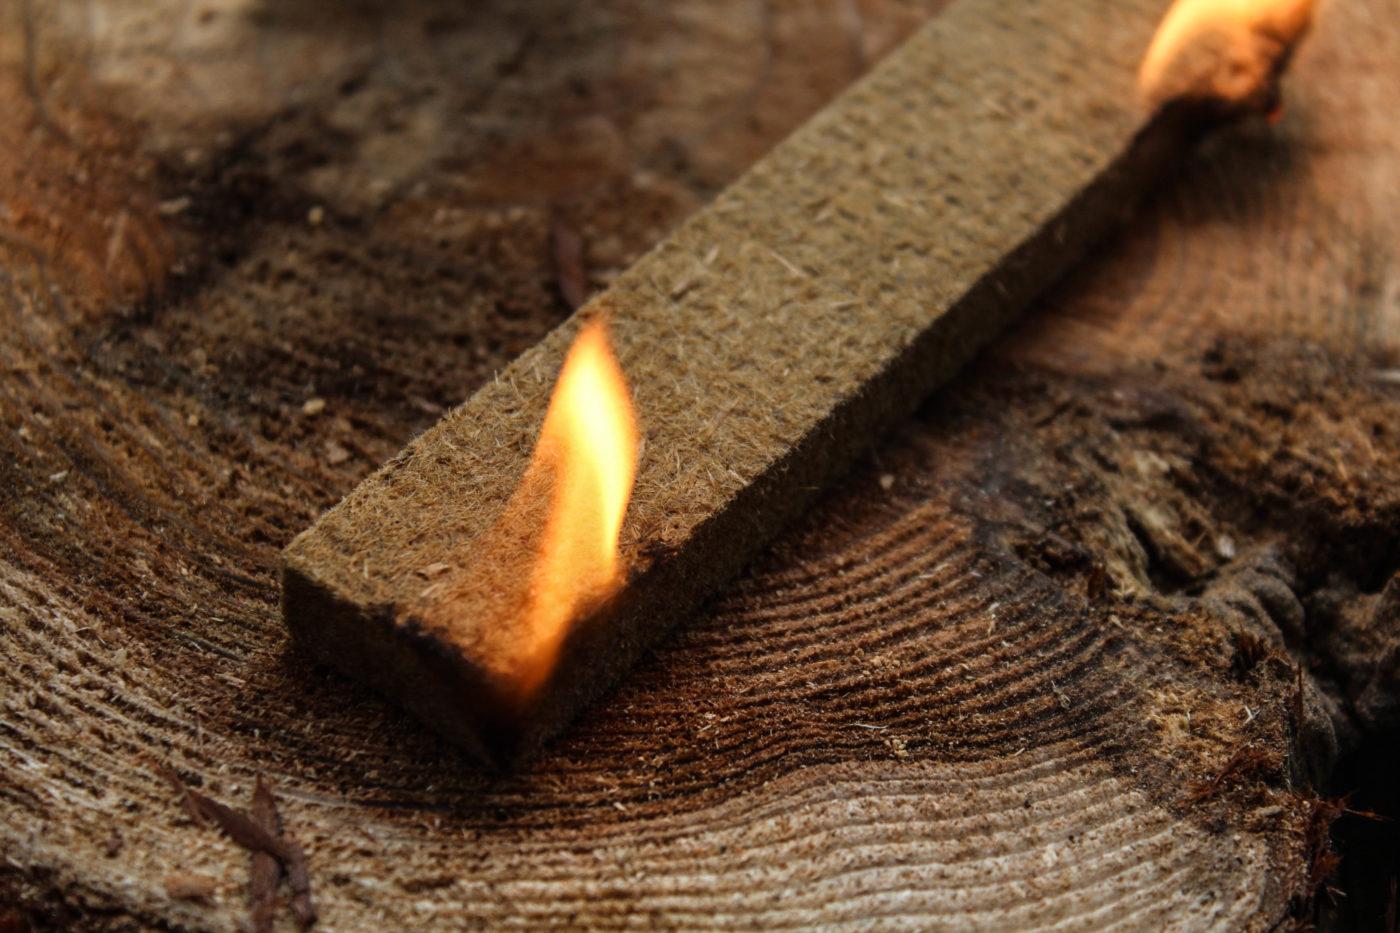 固形着火剤に火をつけた場合